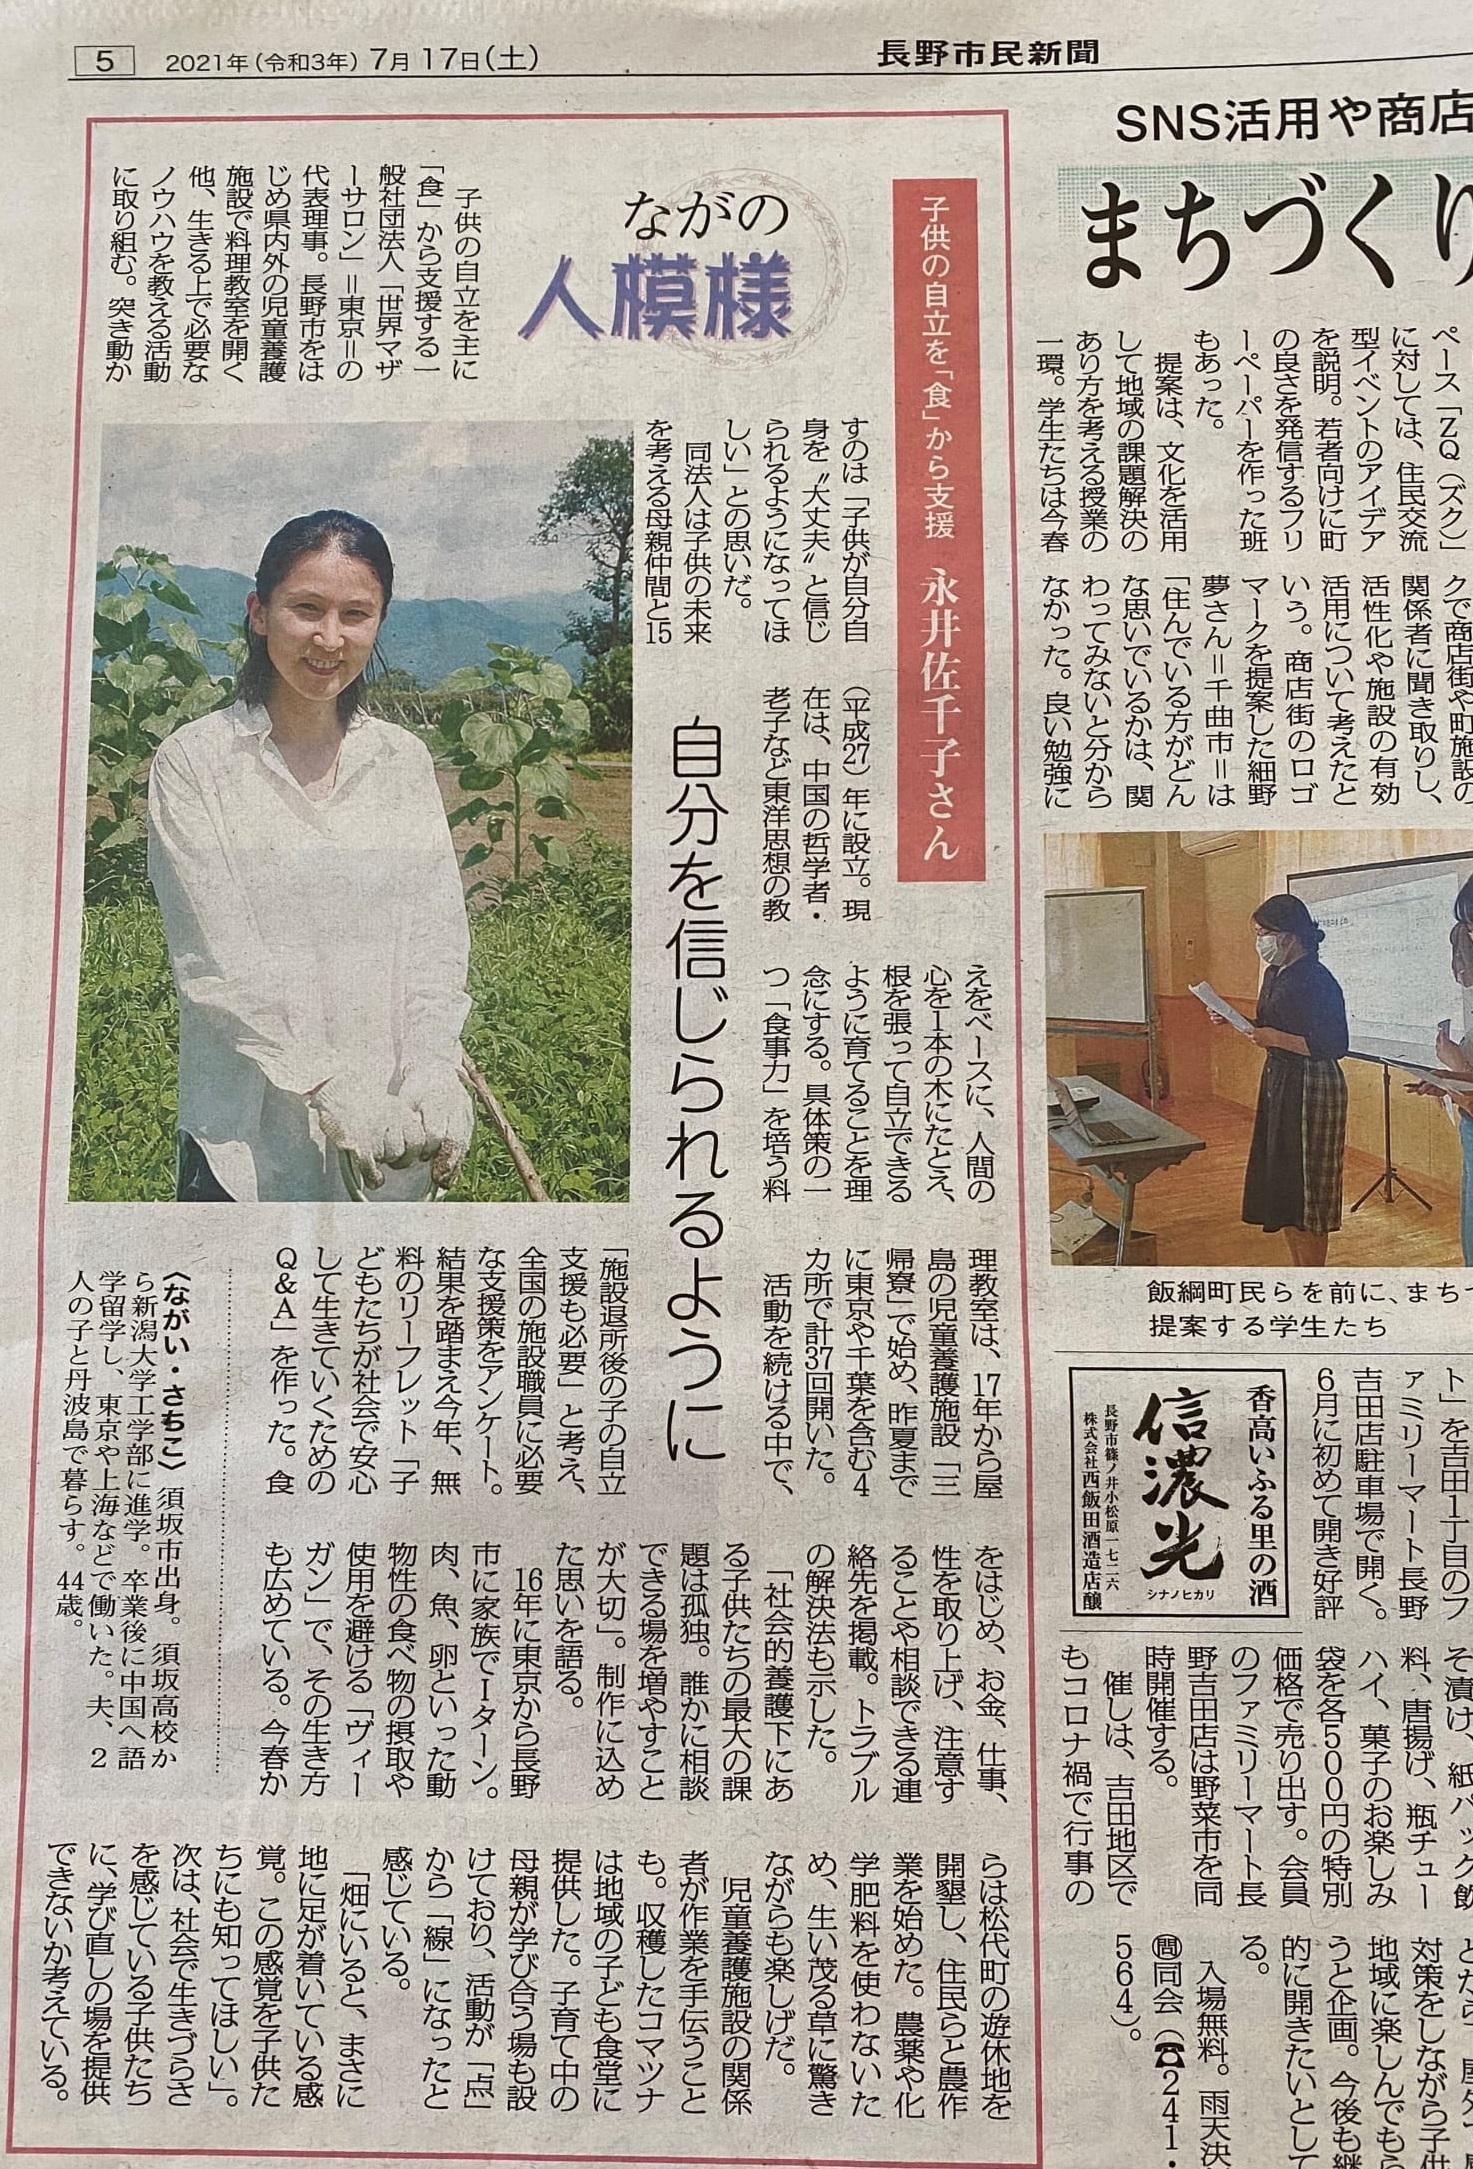 長野市民新聞に世界マザーサロン代表理事 永井佐千子の記事が掲載されました